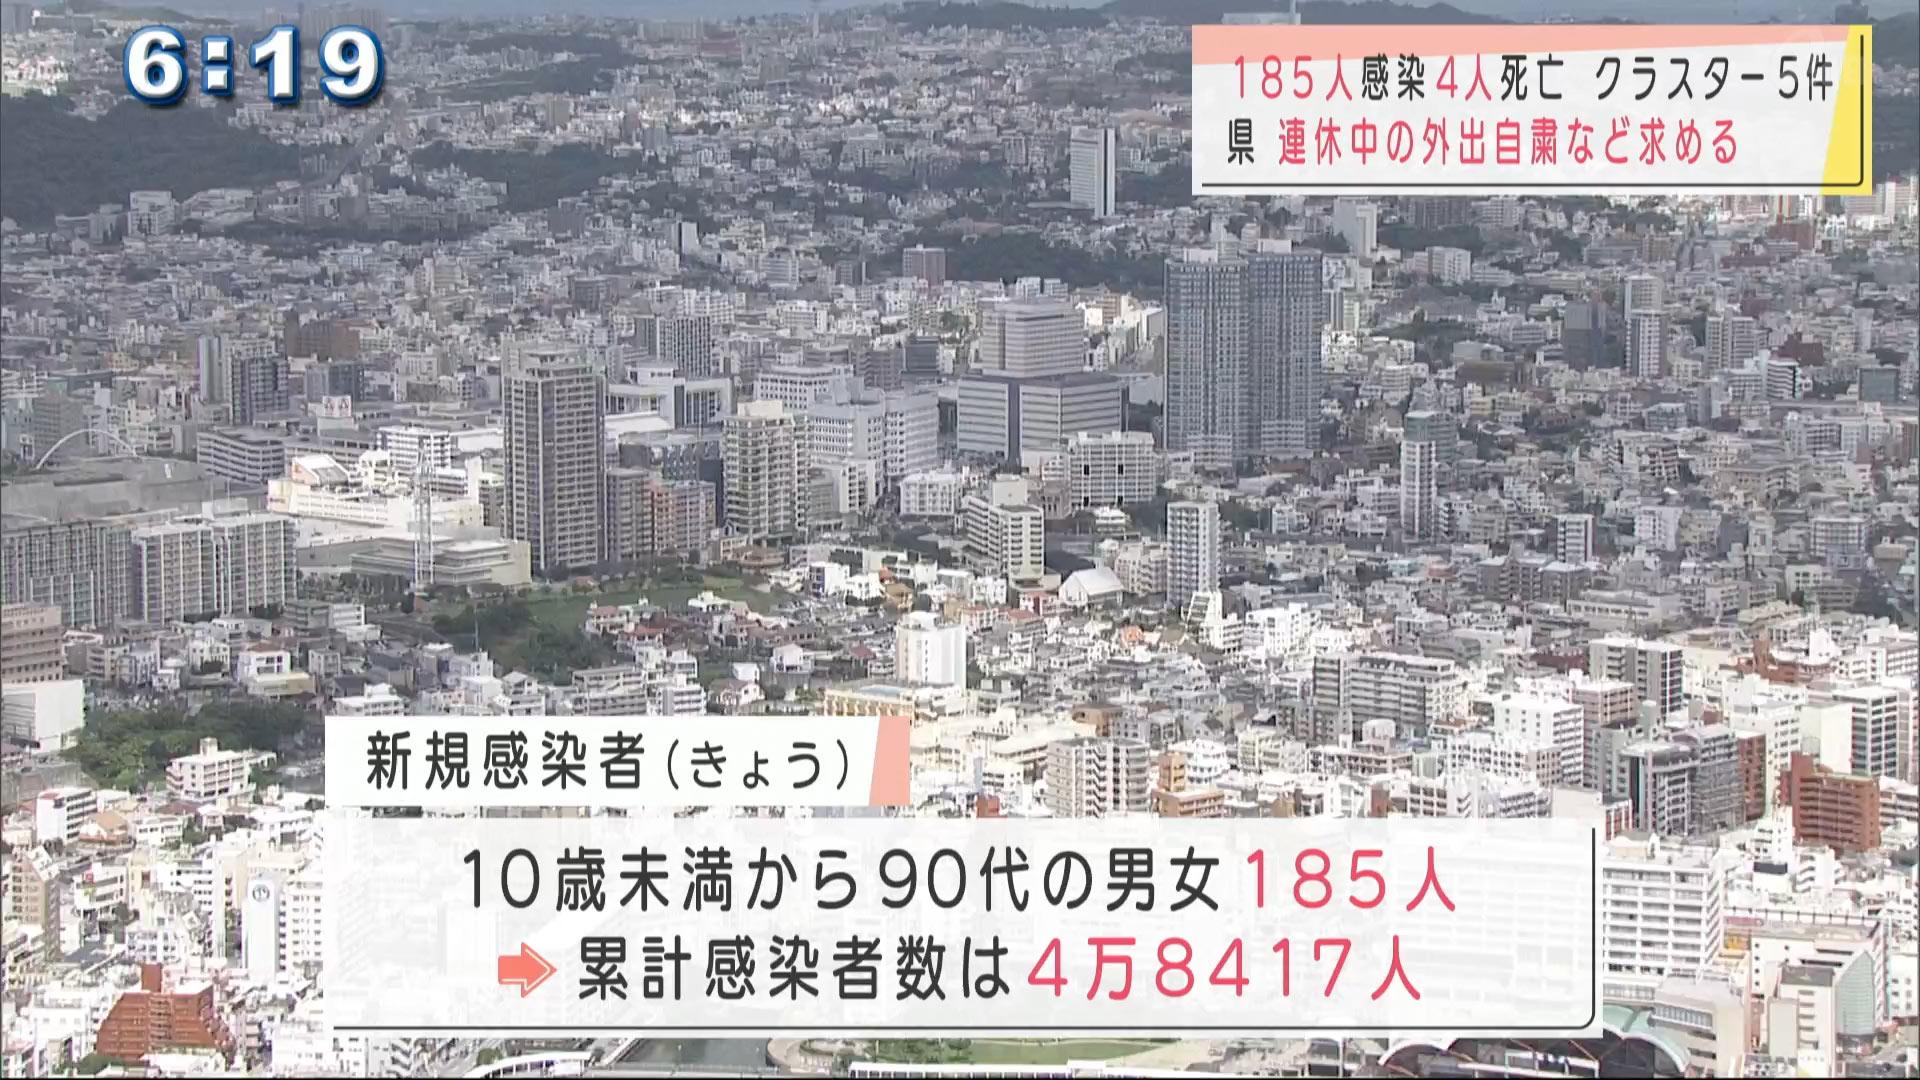 沖縄 新型コロナ185人感染4人死亡 連休中も外出自粛を